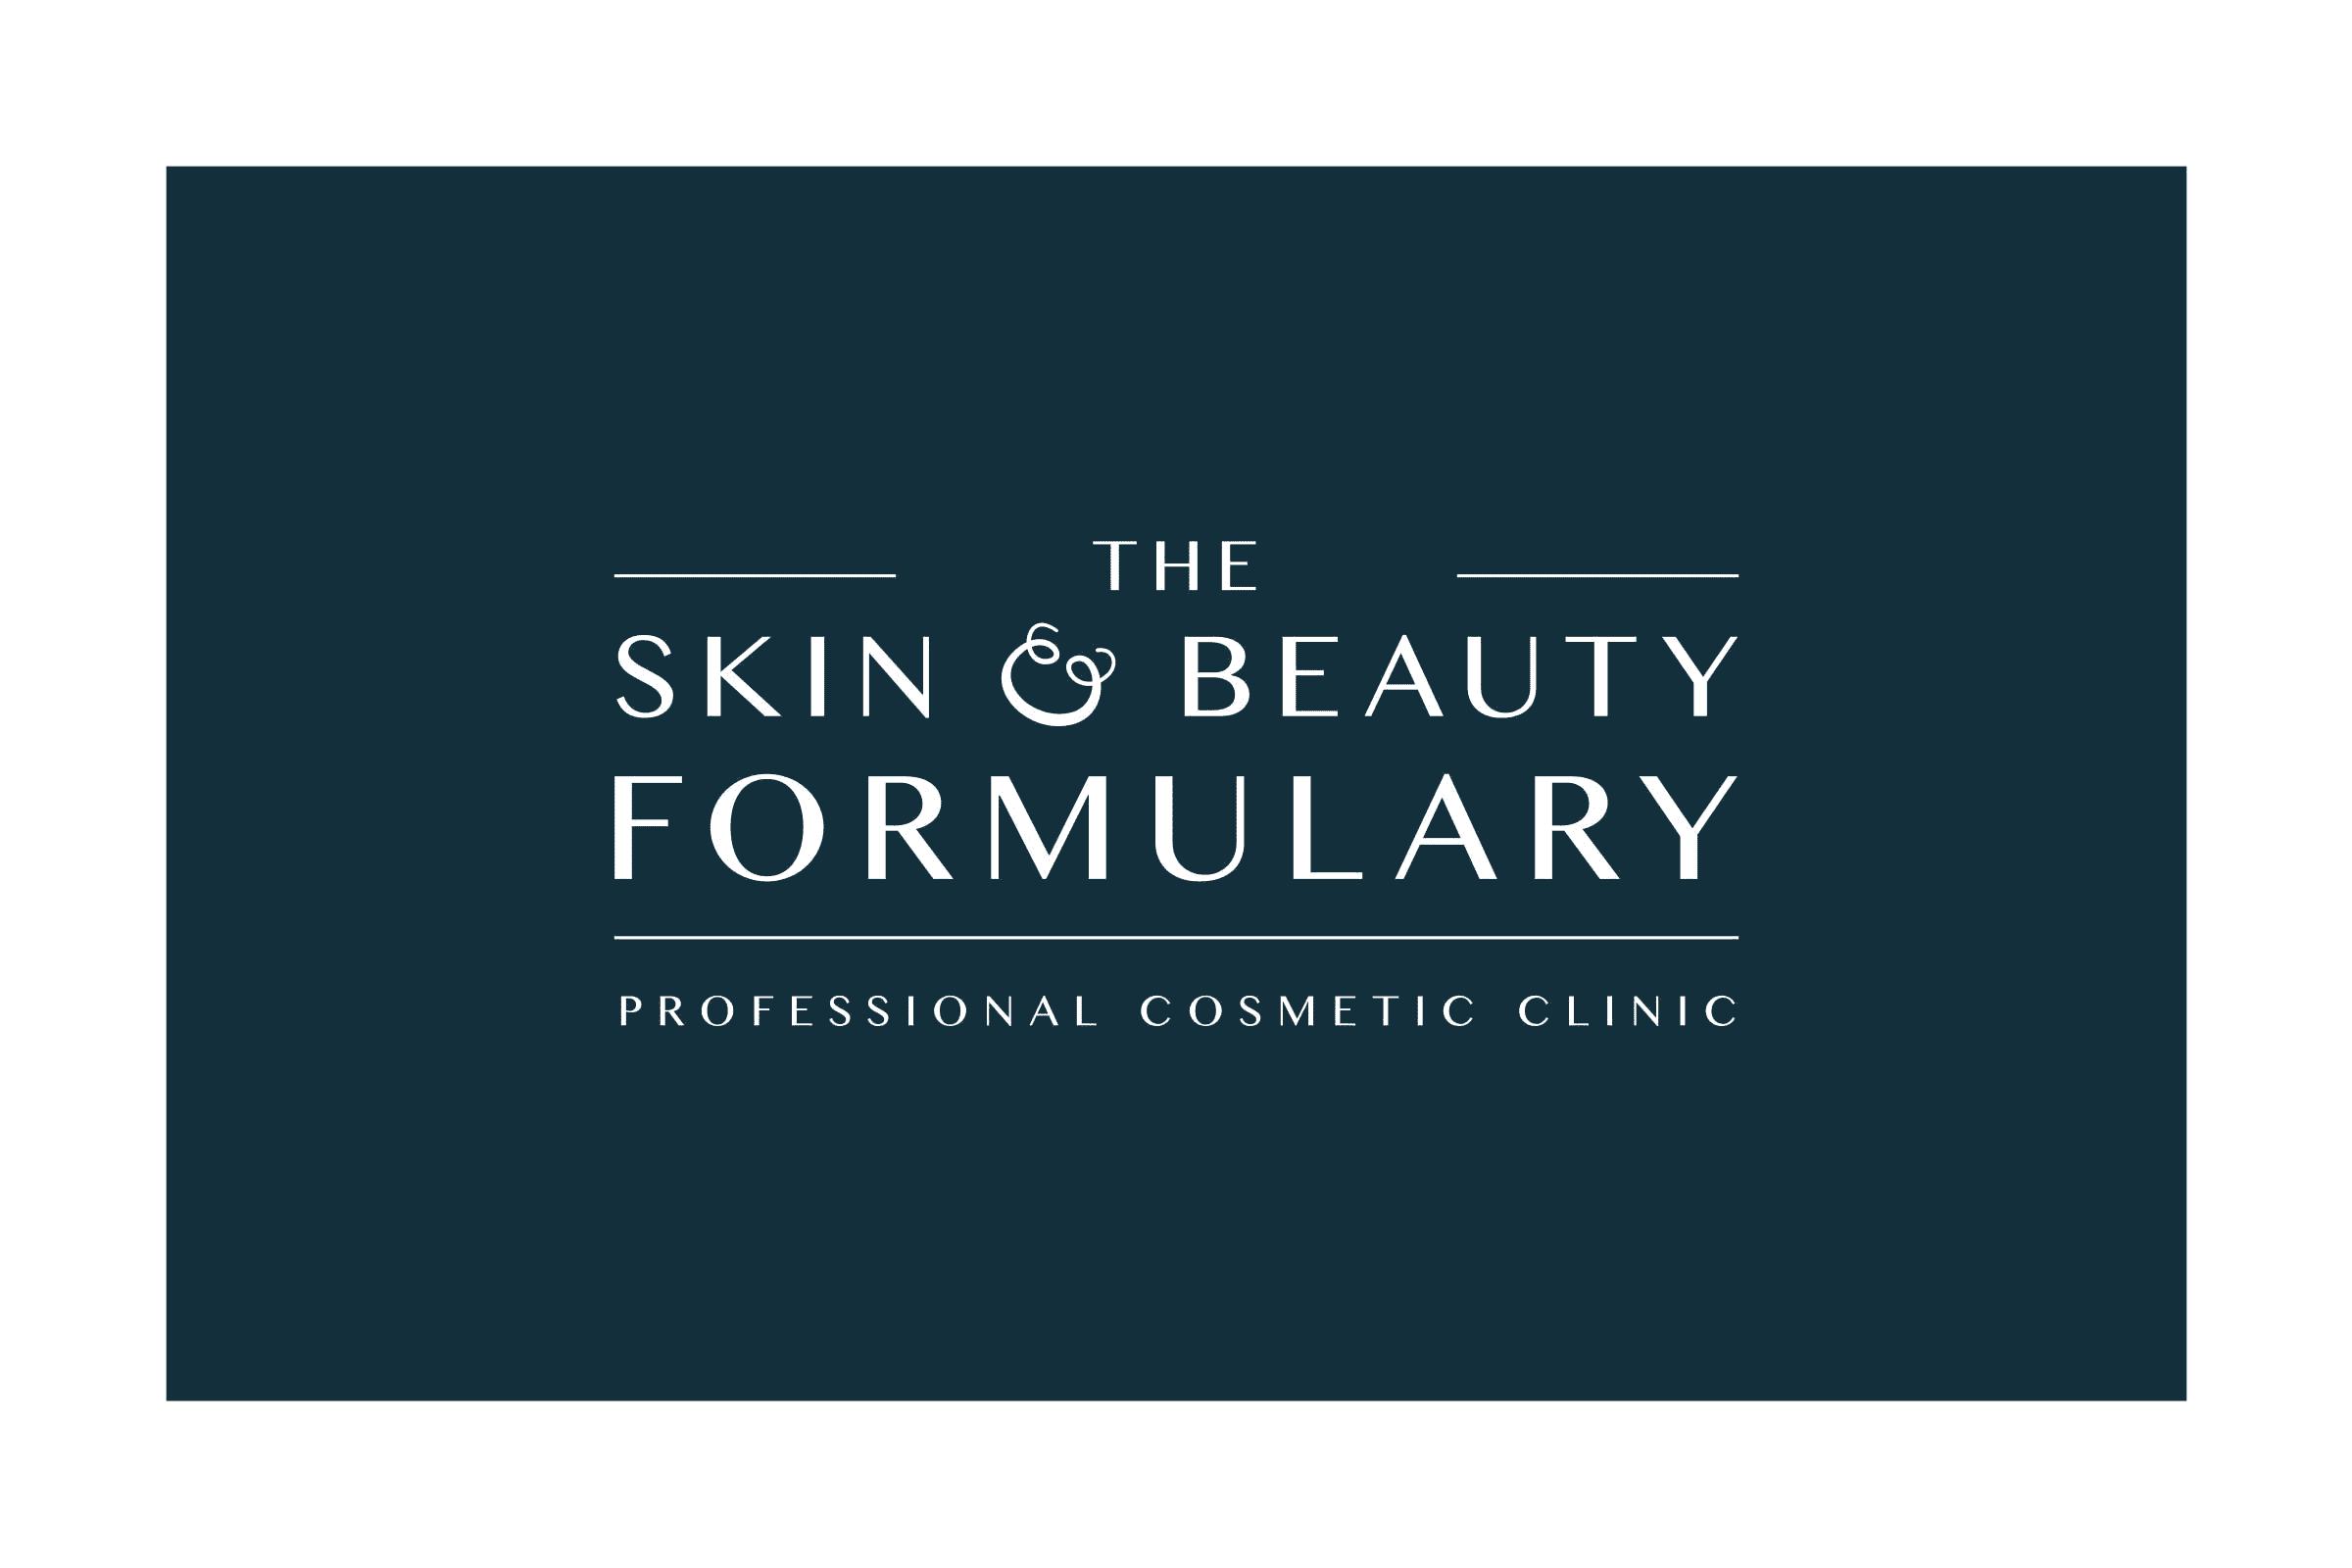 Skin and Beauty Formulary: Full Logo